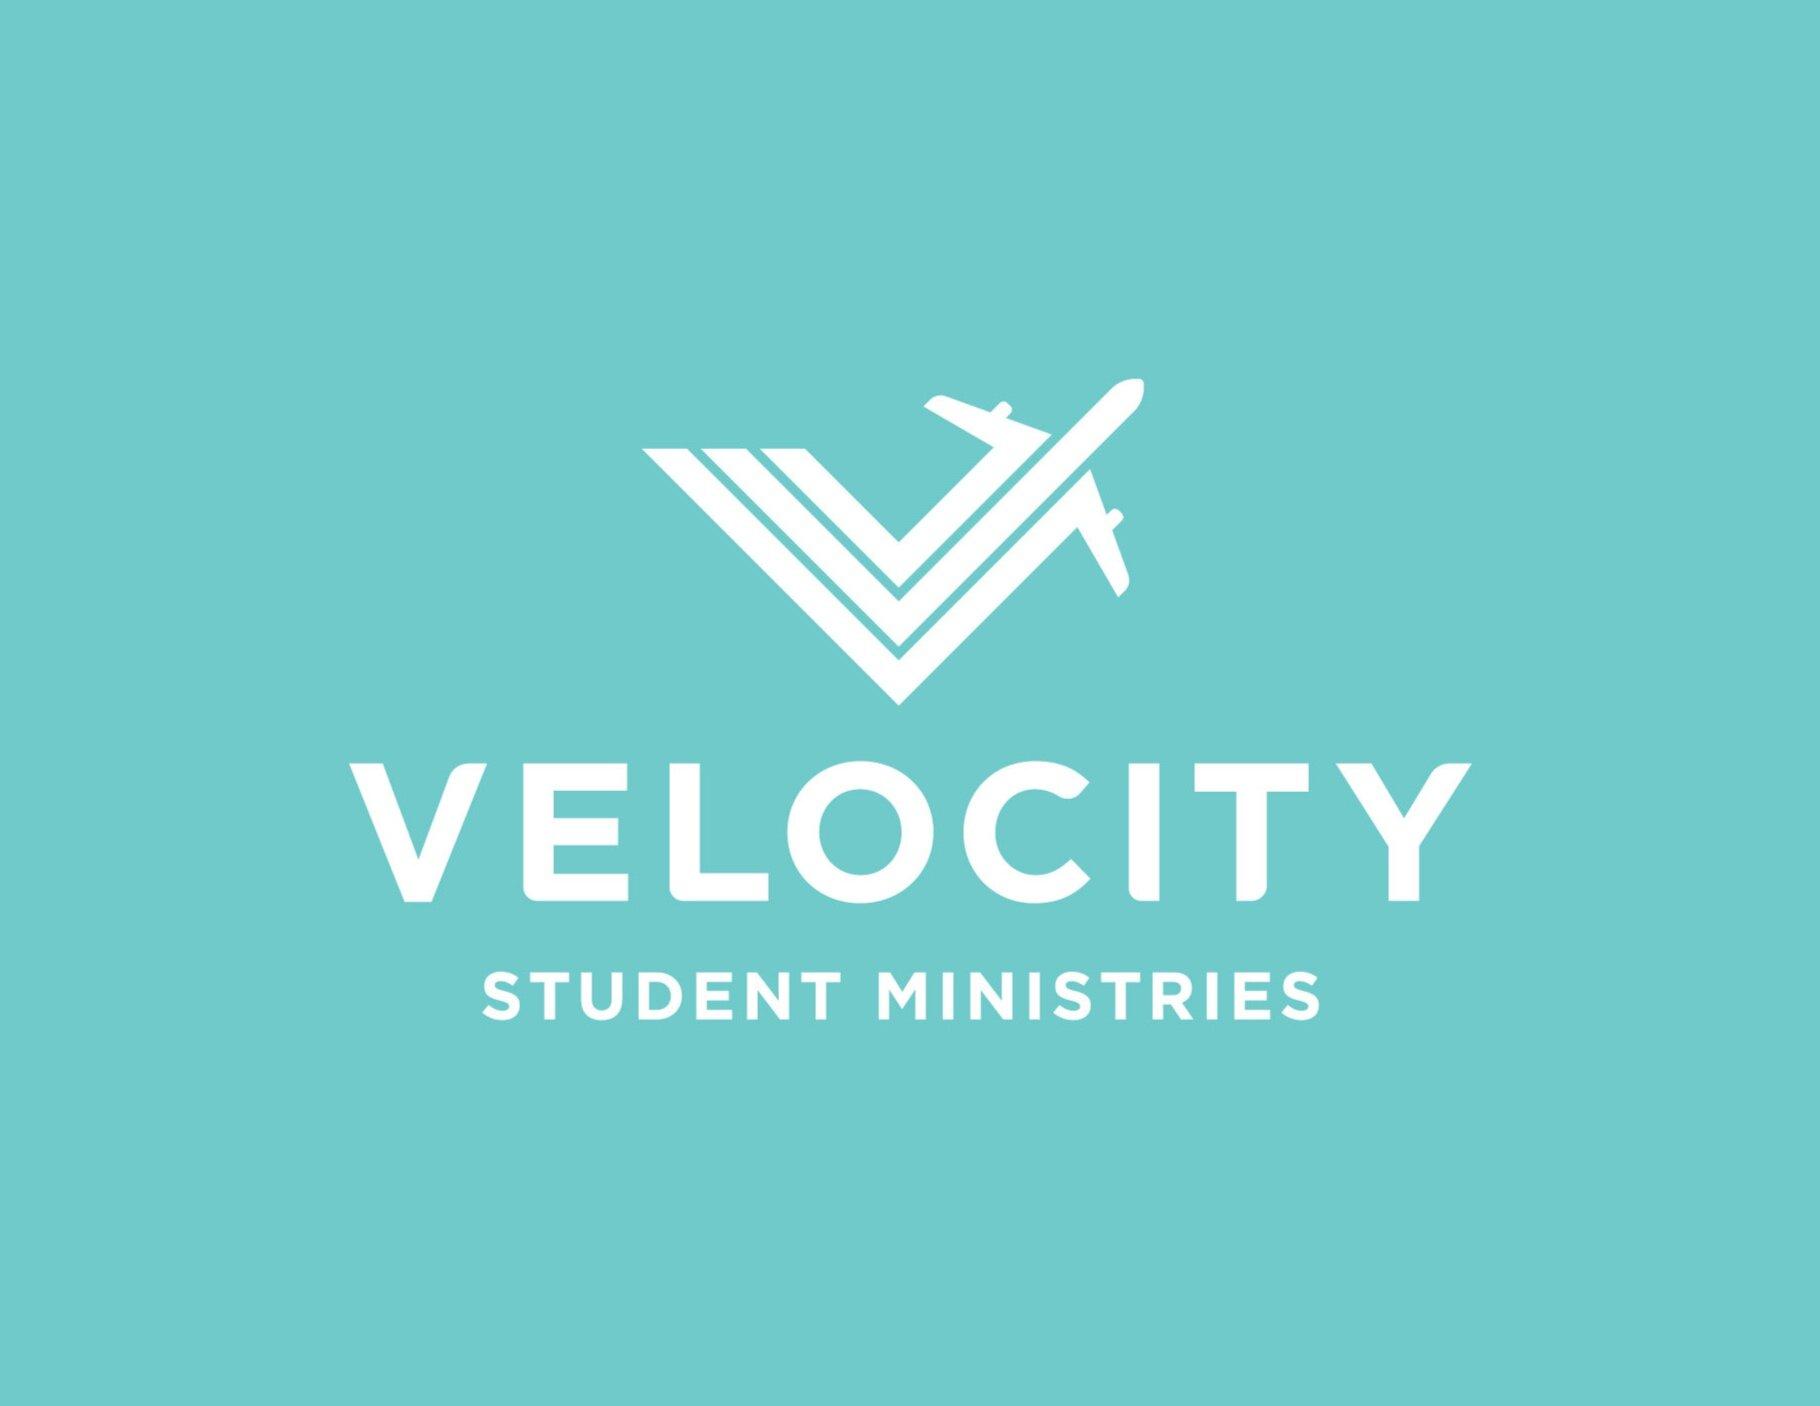 Velocity_logo_JPG_Vertica_White.jpg